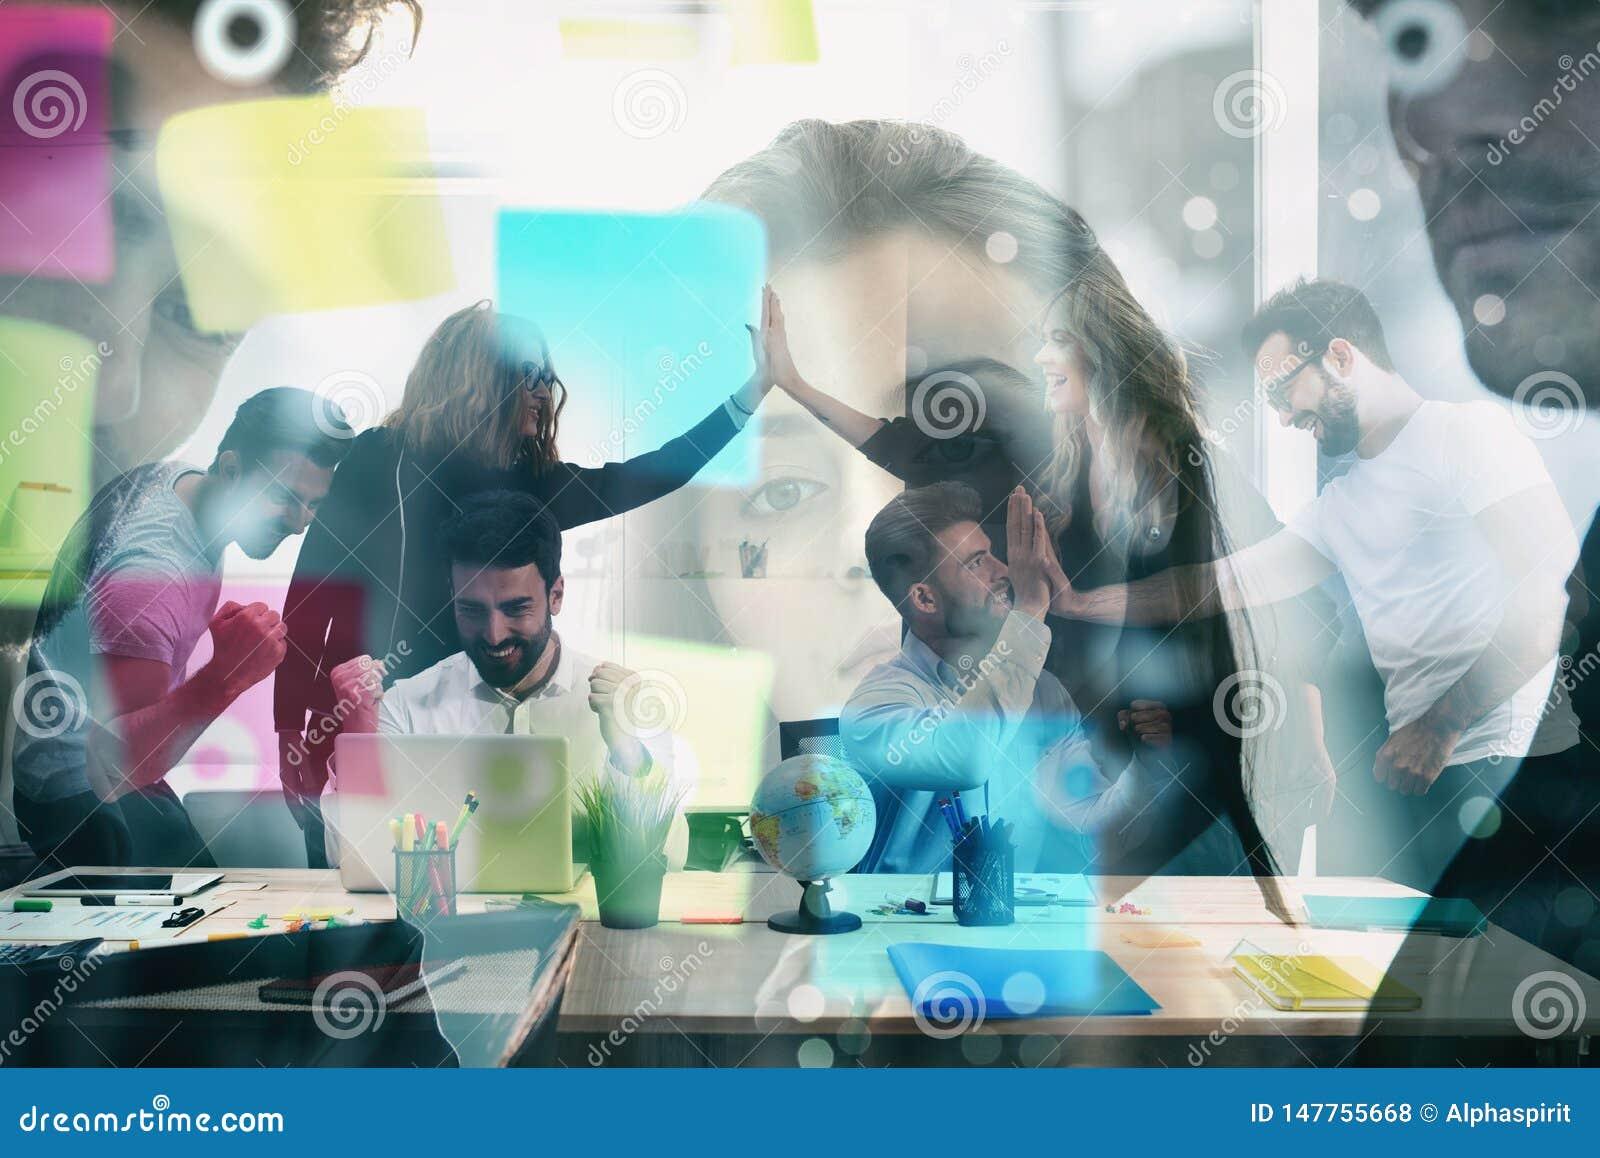 Arbetsgruppen av aff?rsm?n triumferar f?r att ha uppn?tt m?let begrepp av teamwork- och aff?rspartnerskap double